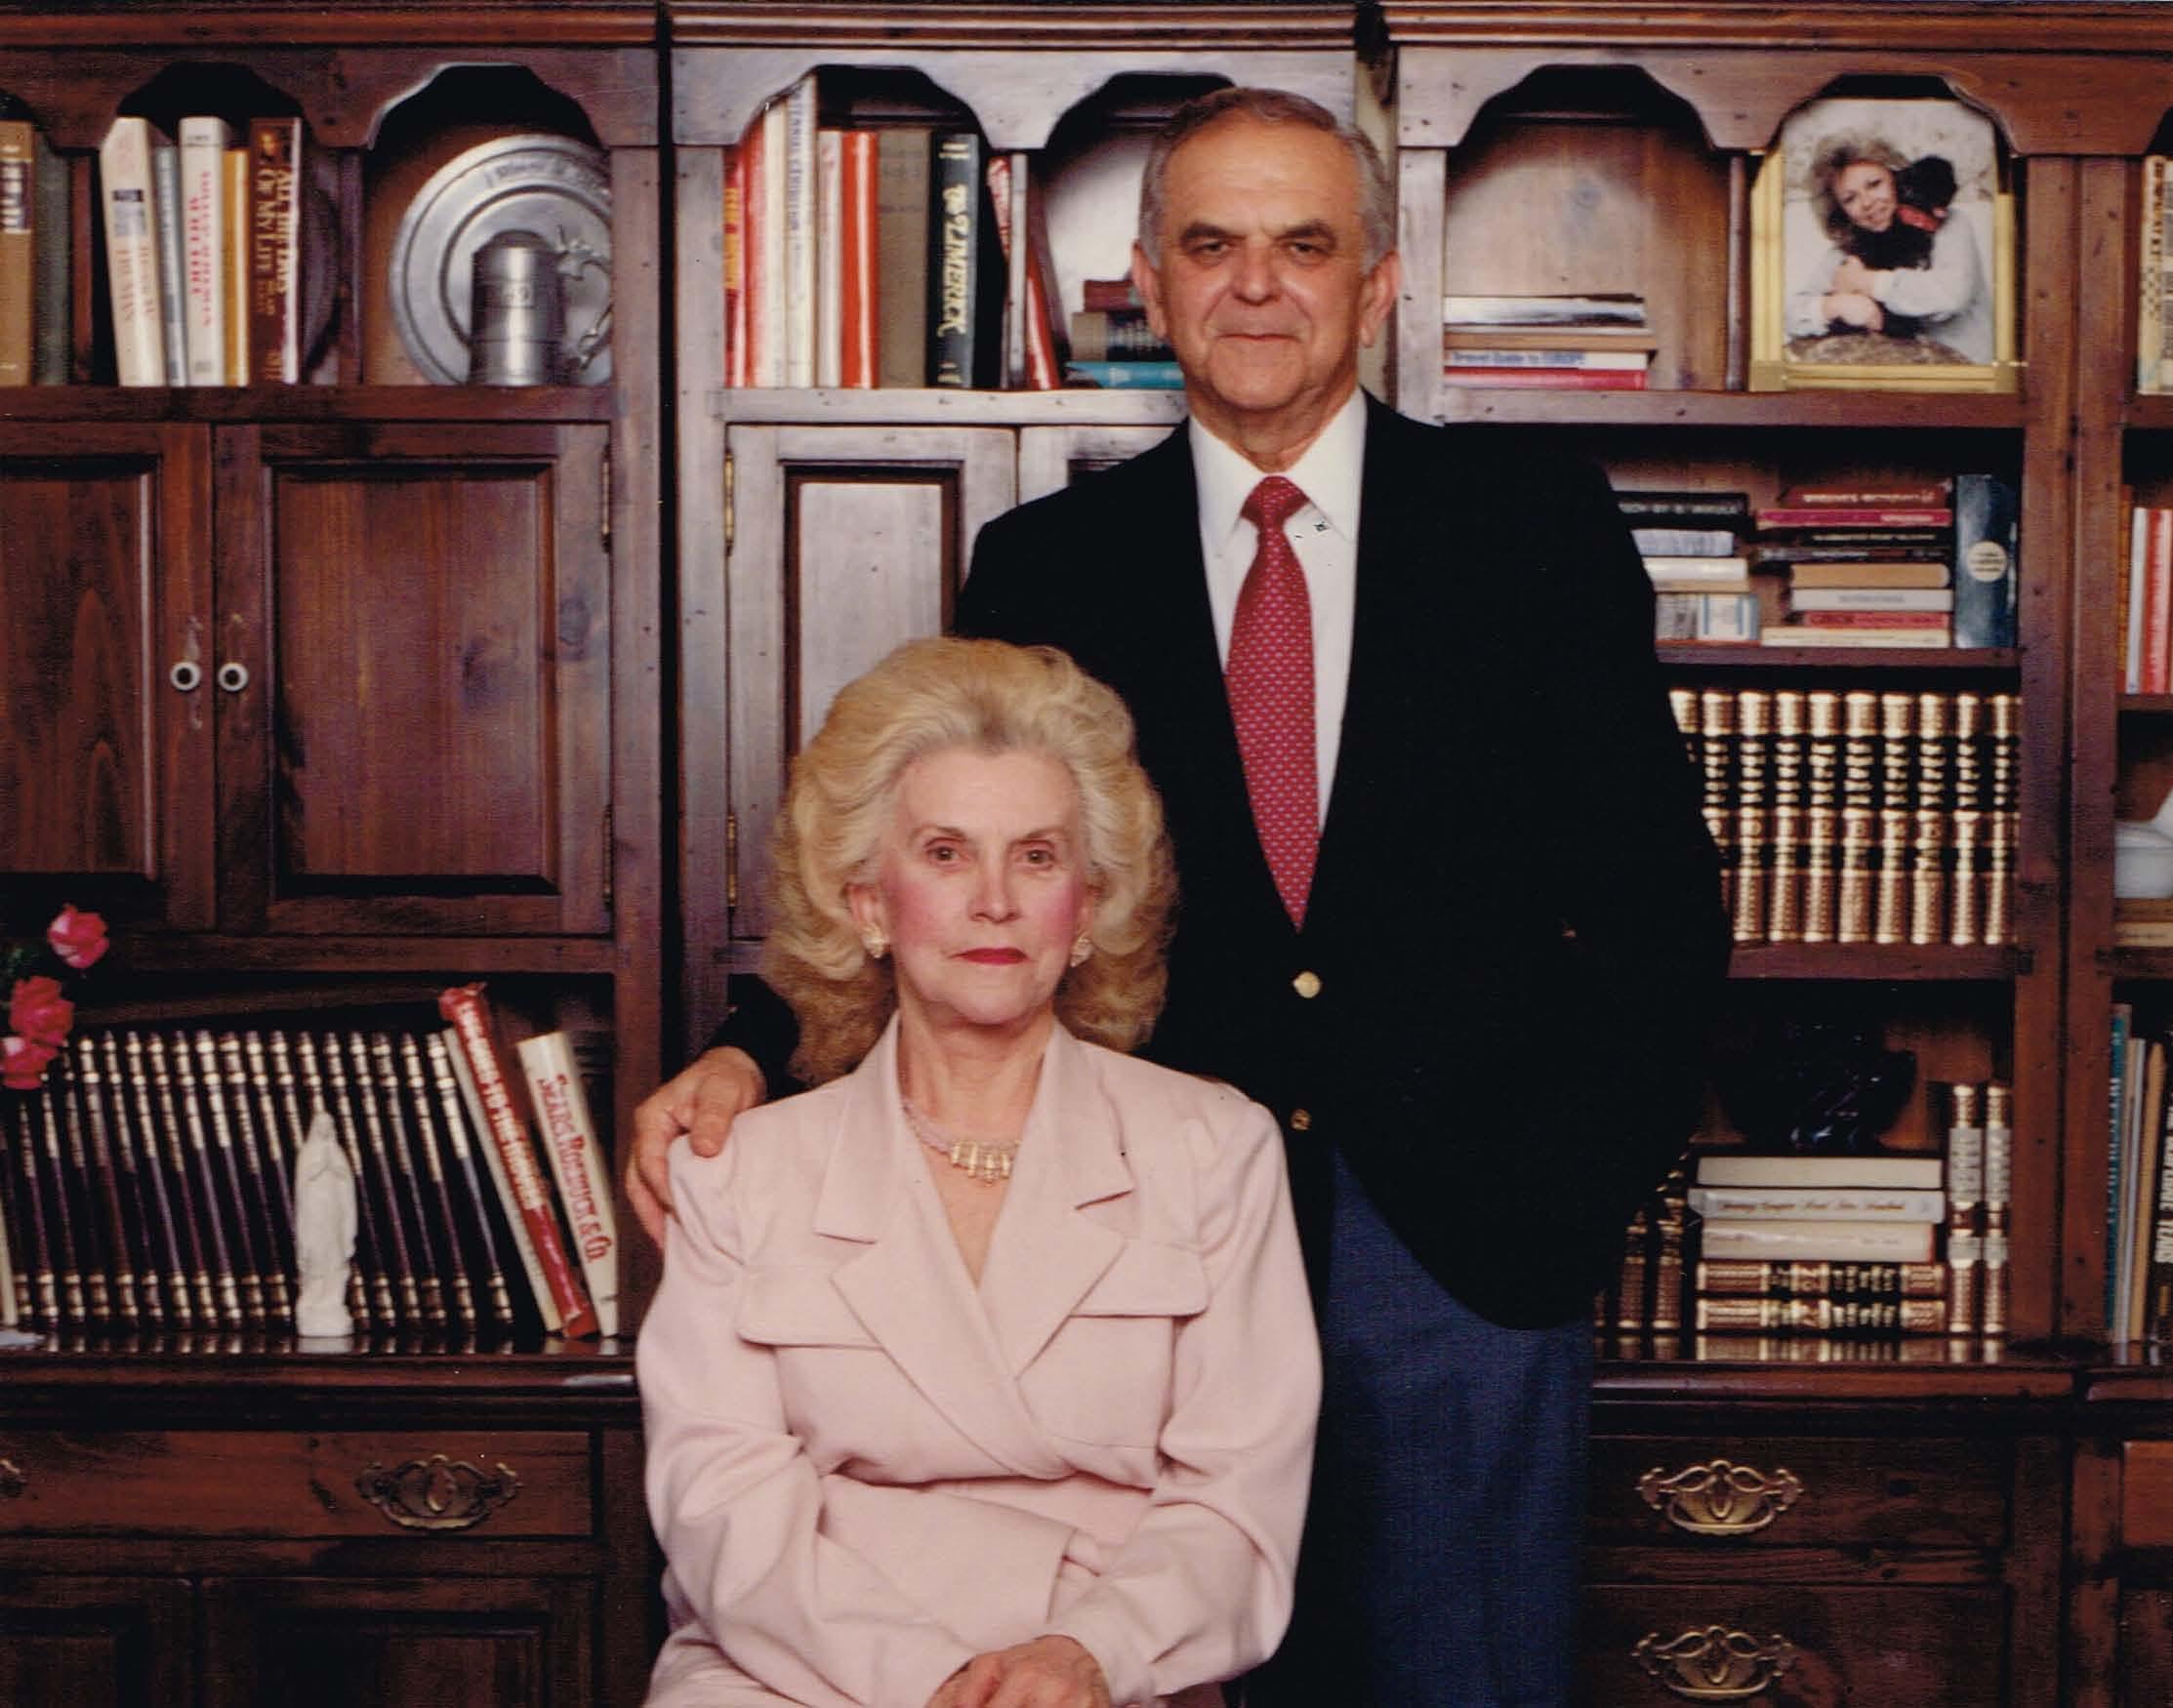 Our Founder, Joseph J. Walla and his wife Cecelia Walla